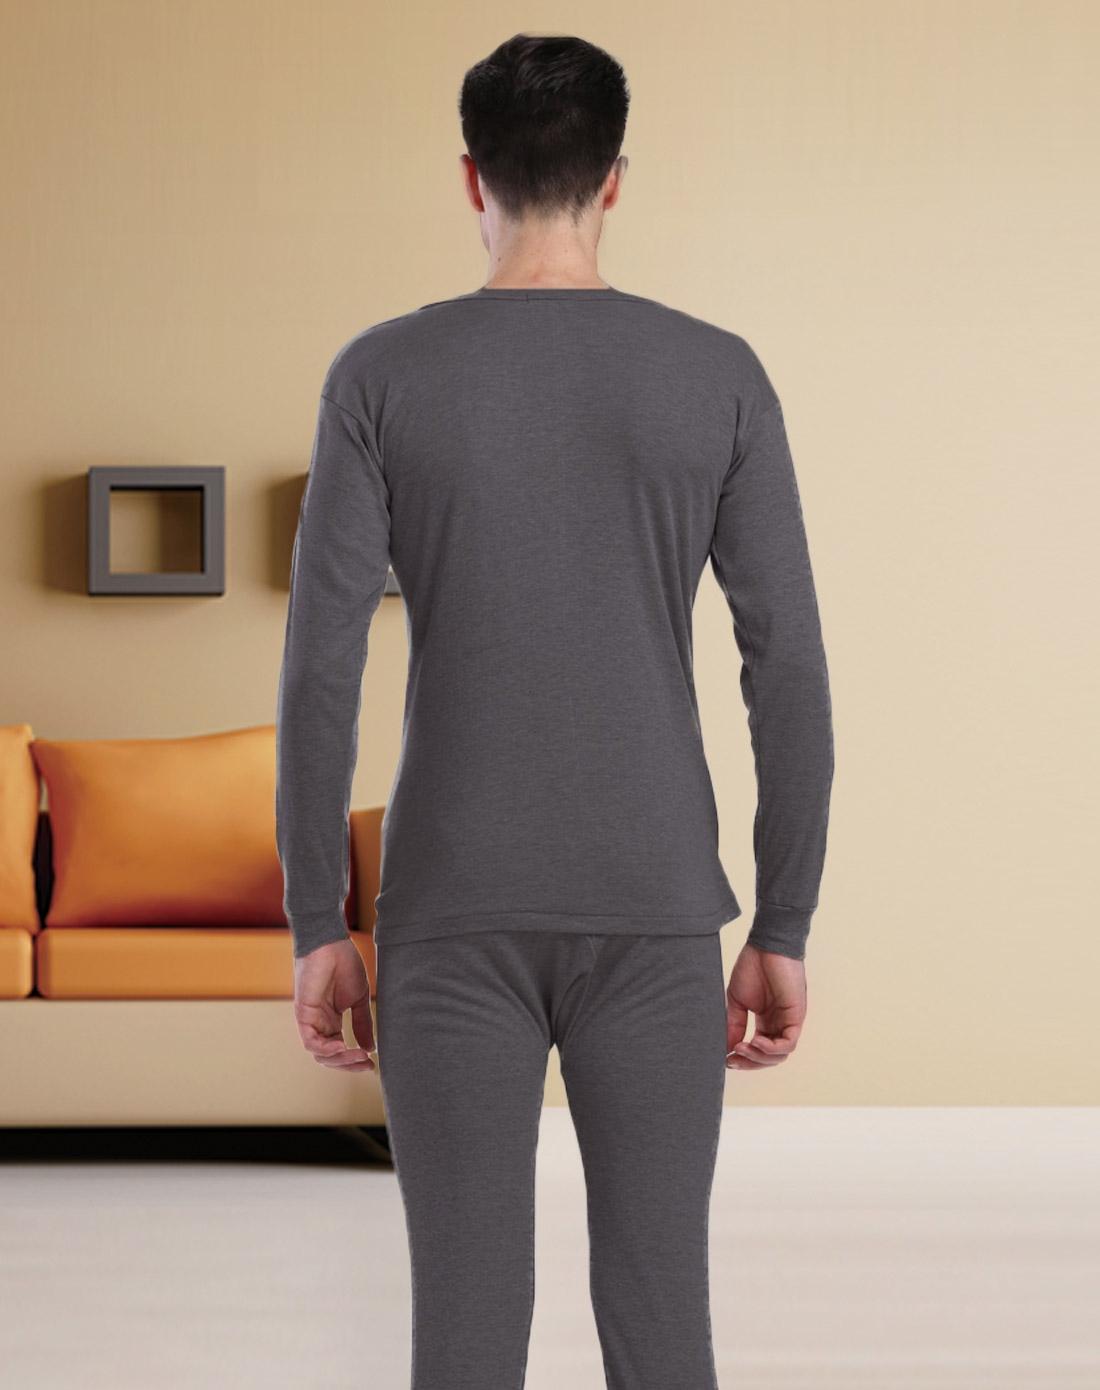 男士保暖内衣哪个牌子最好?男士保暖内衣十大品牌排行榜 - 牌子网